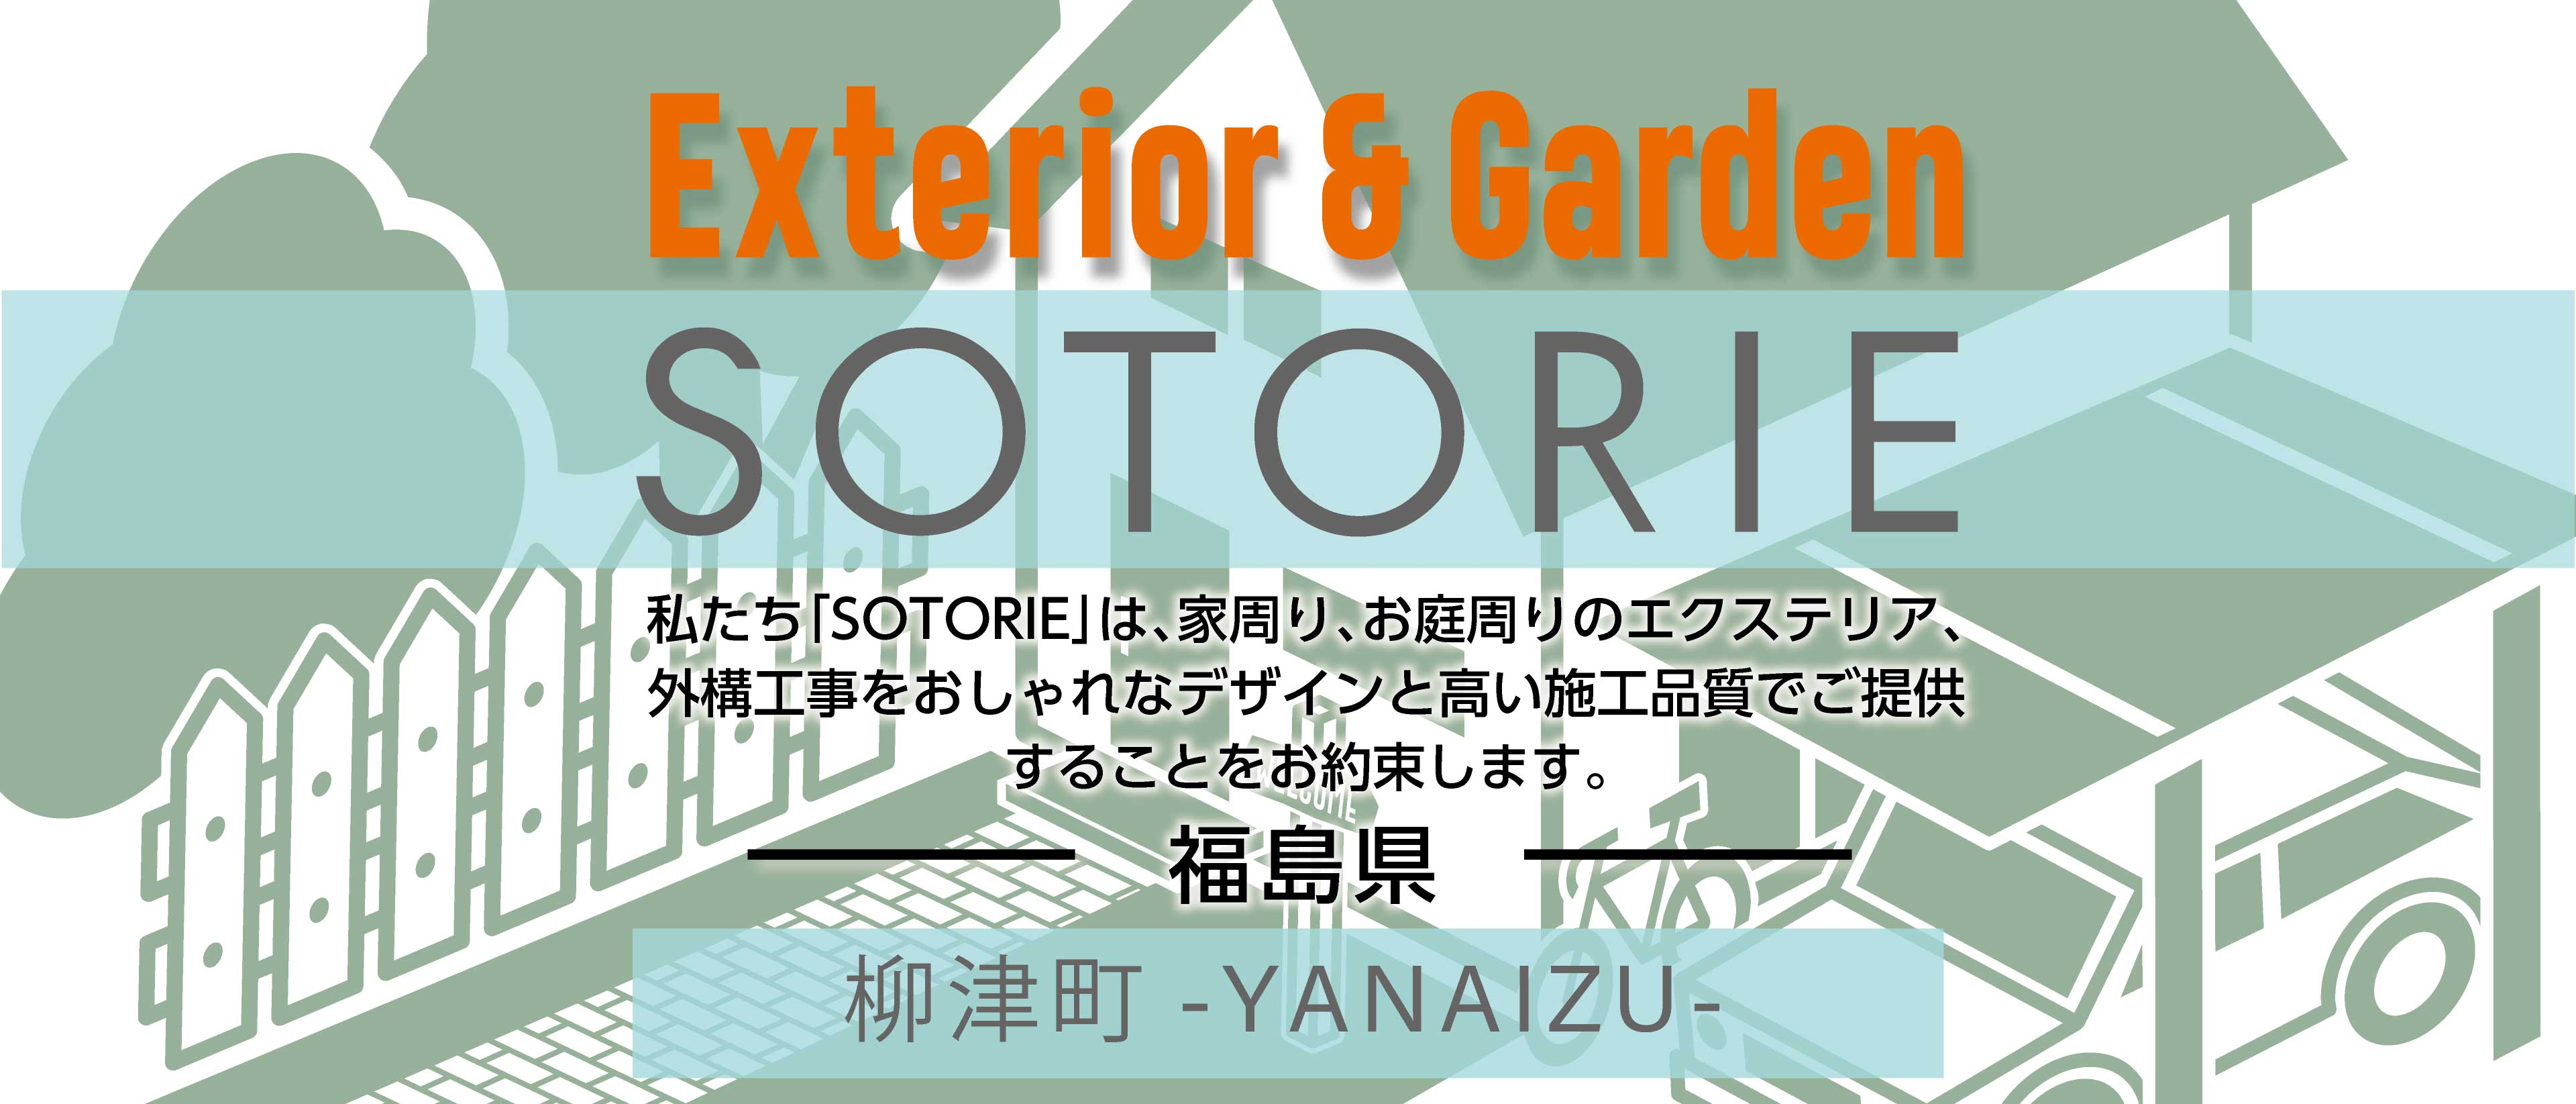 ソトリエ柳津では、家周りと庭周りの外構、エクステリア工事をおしゃれなデザインと高い施工品質でご提供することをお約束します。